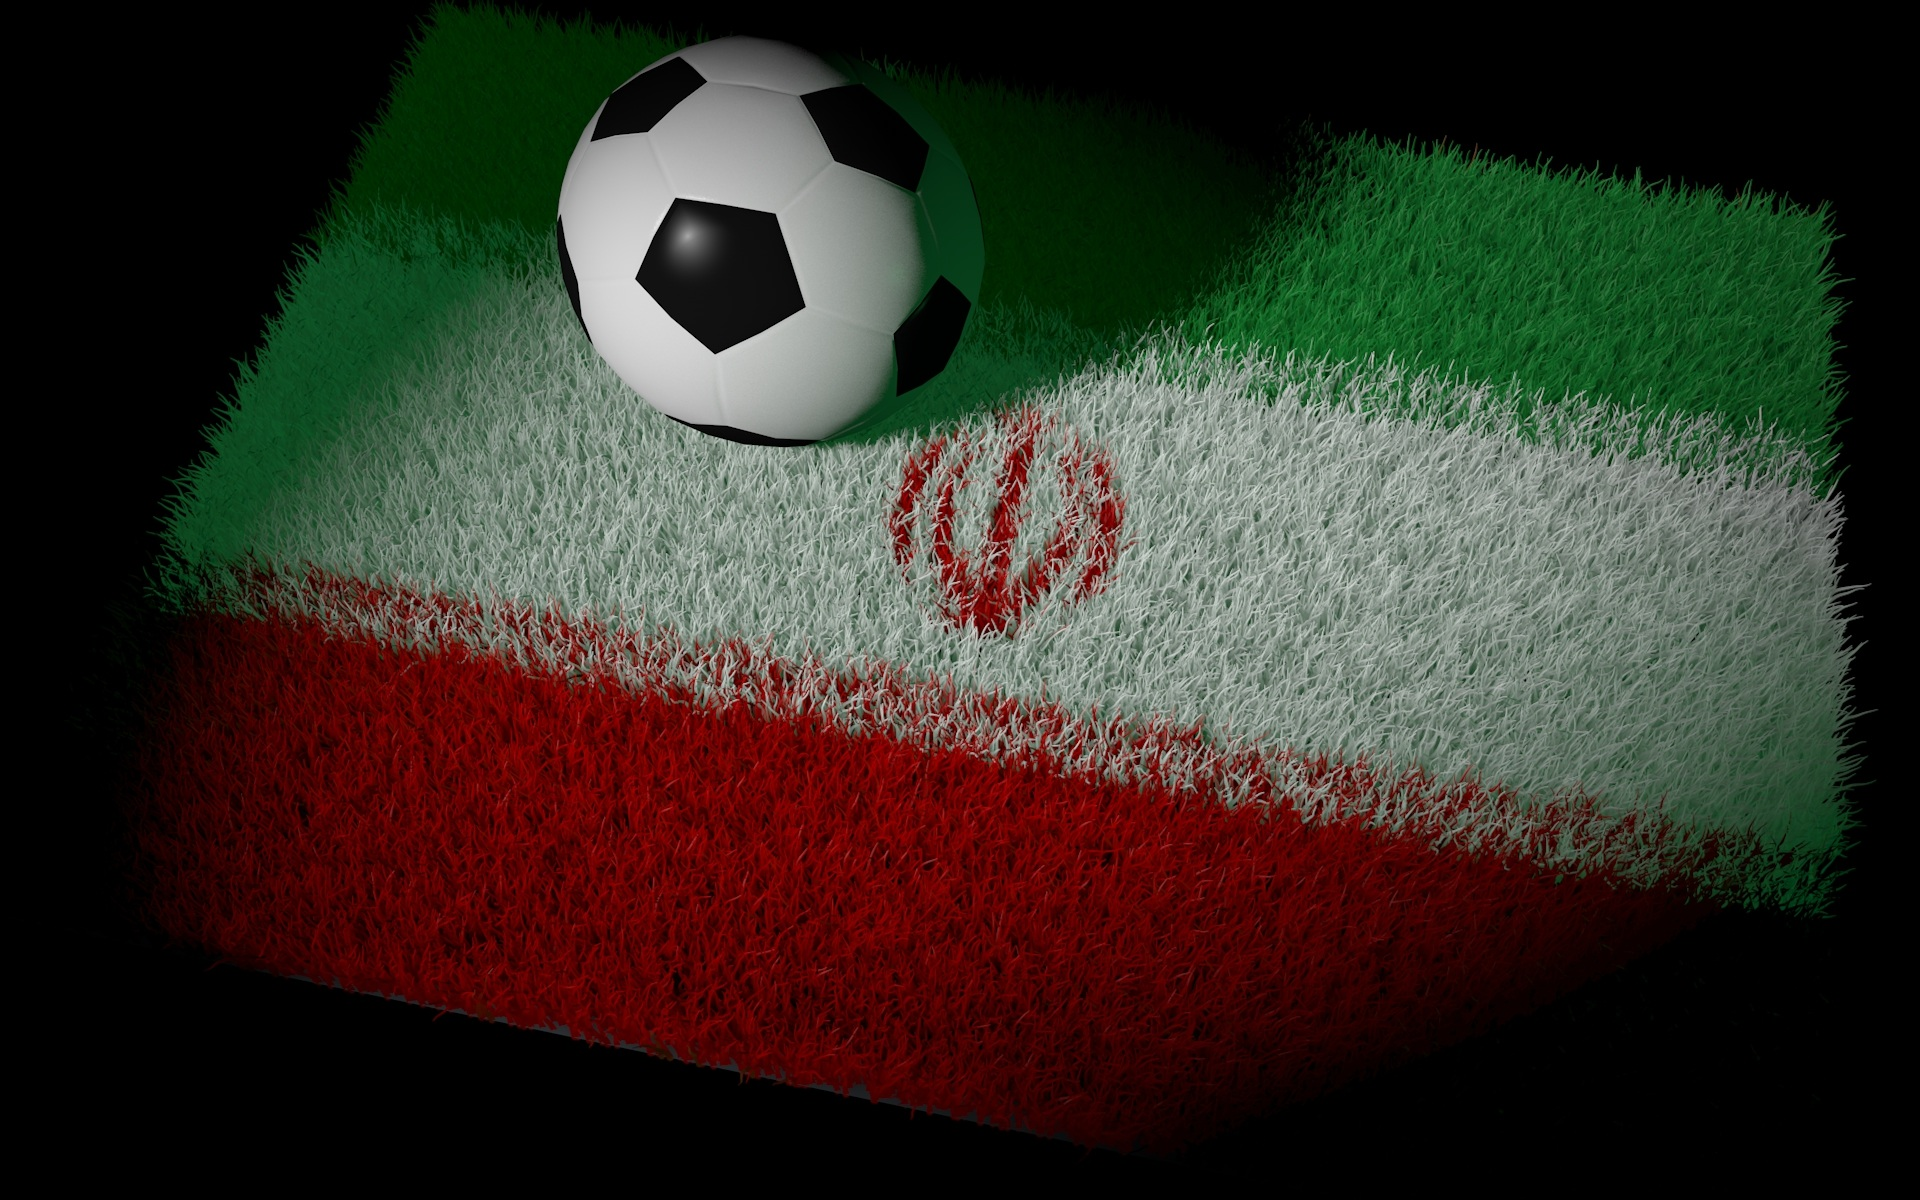 فوتبال ایران / Iran